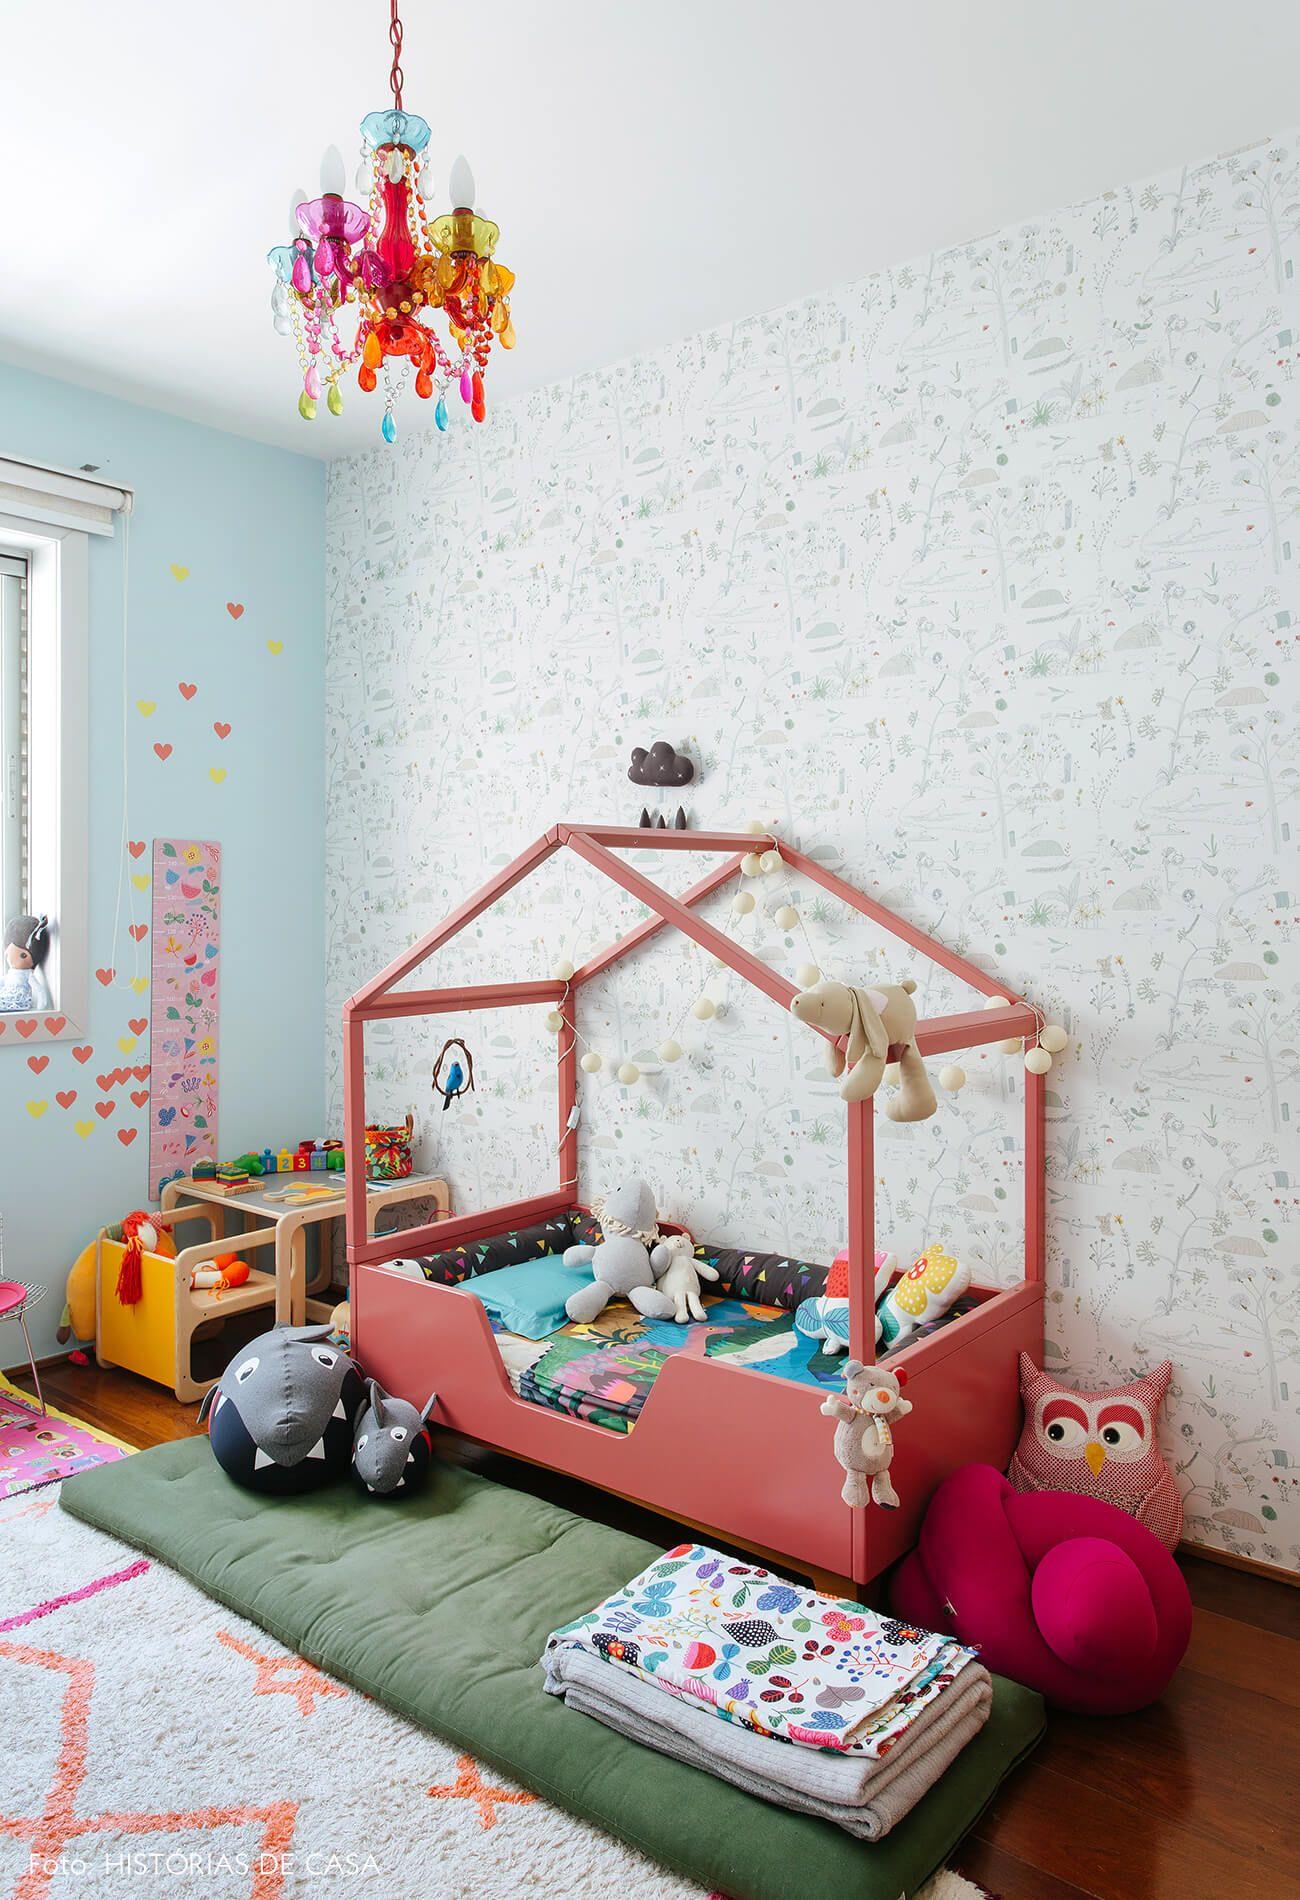 a9876ba1e Quarto de criança com cama rosa de casinha tem lustre colorido